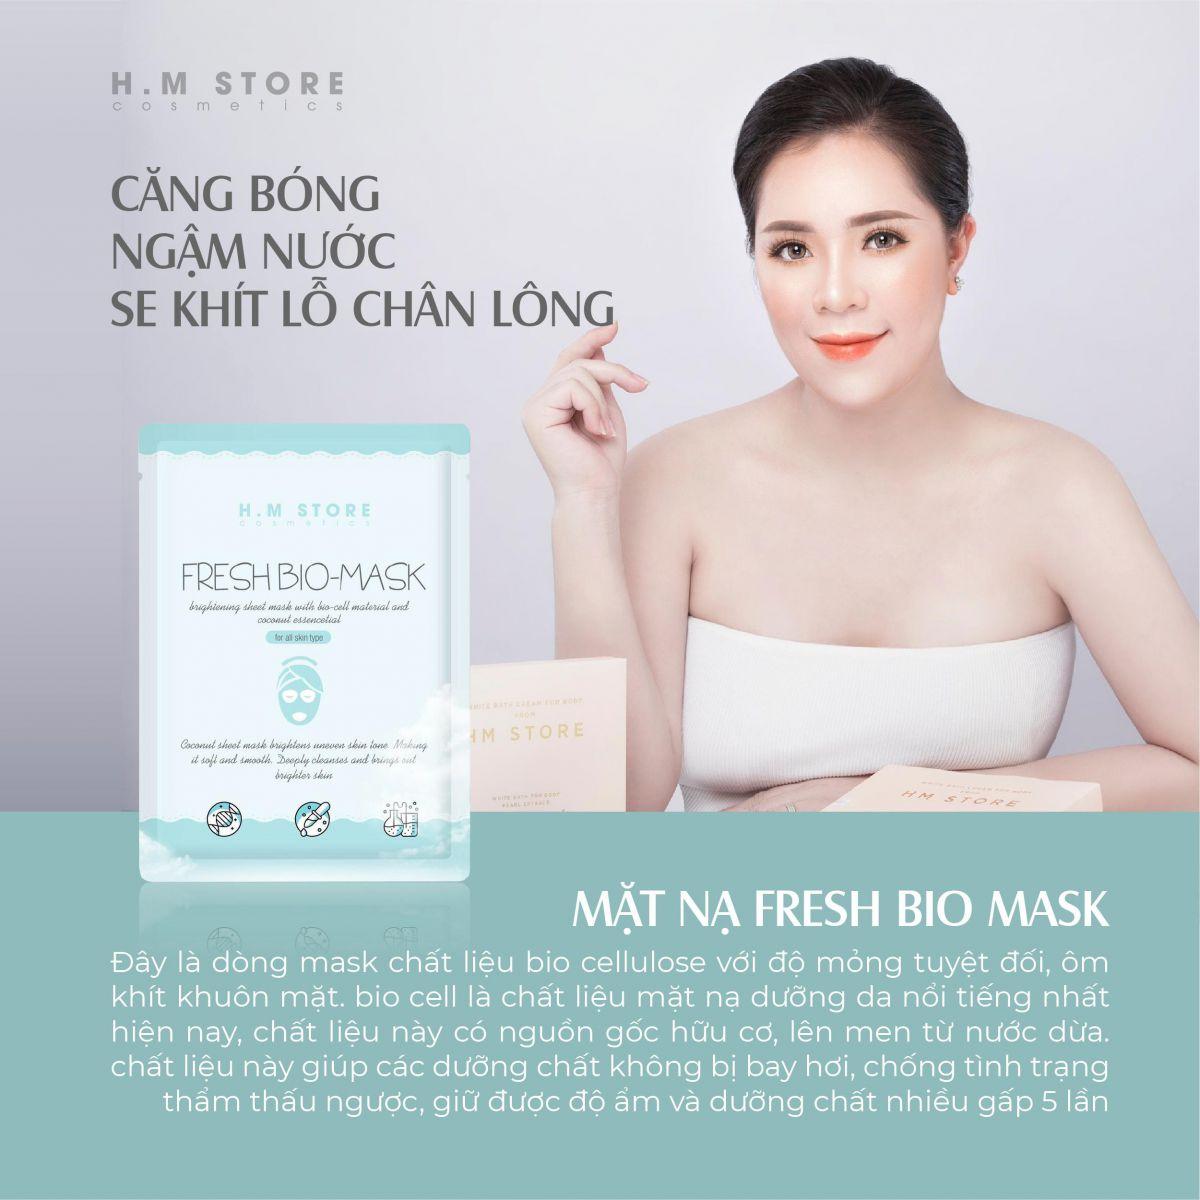 HM Store ra mắt dòng sản phẩm mặt nạ mới Sheet Mask Set - Ảnh 2